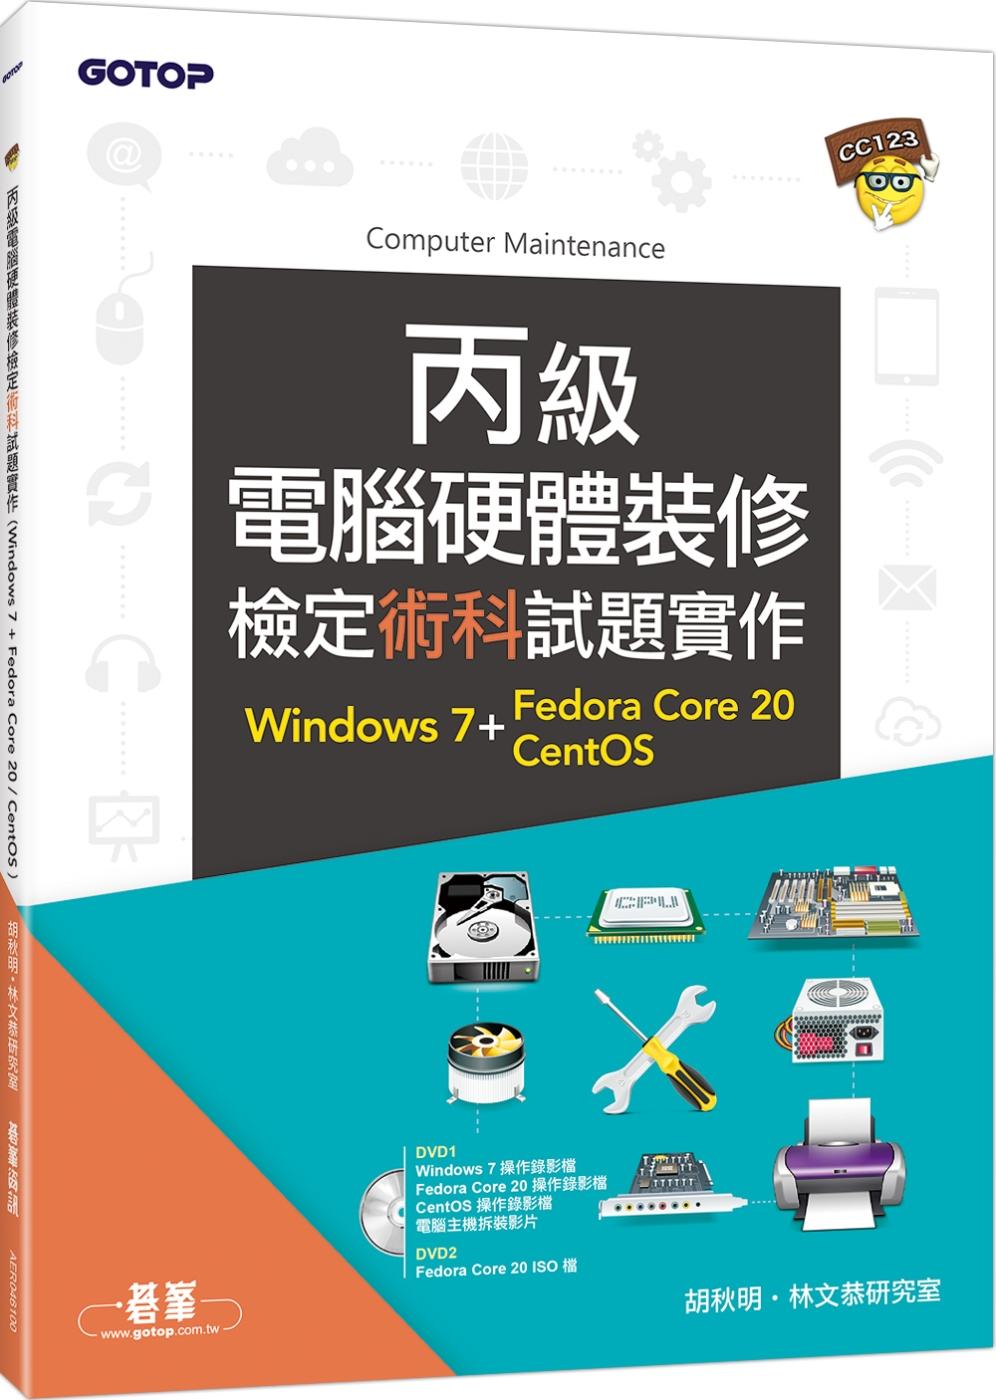 丙級電腦硬體裝修檢定術科試題實作:Windows 7 + Fedora Core 20 + CentOS